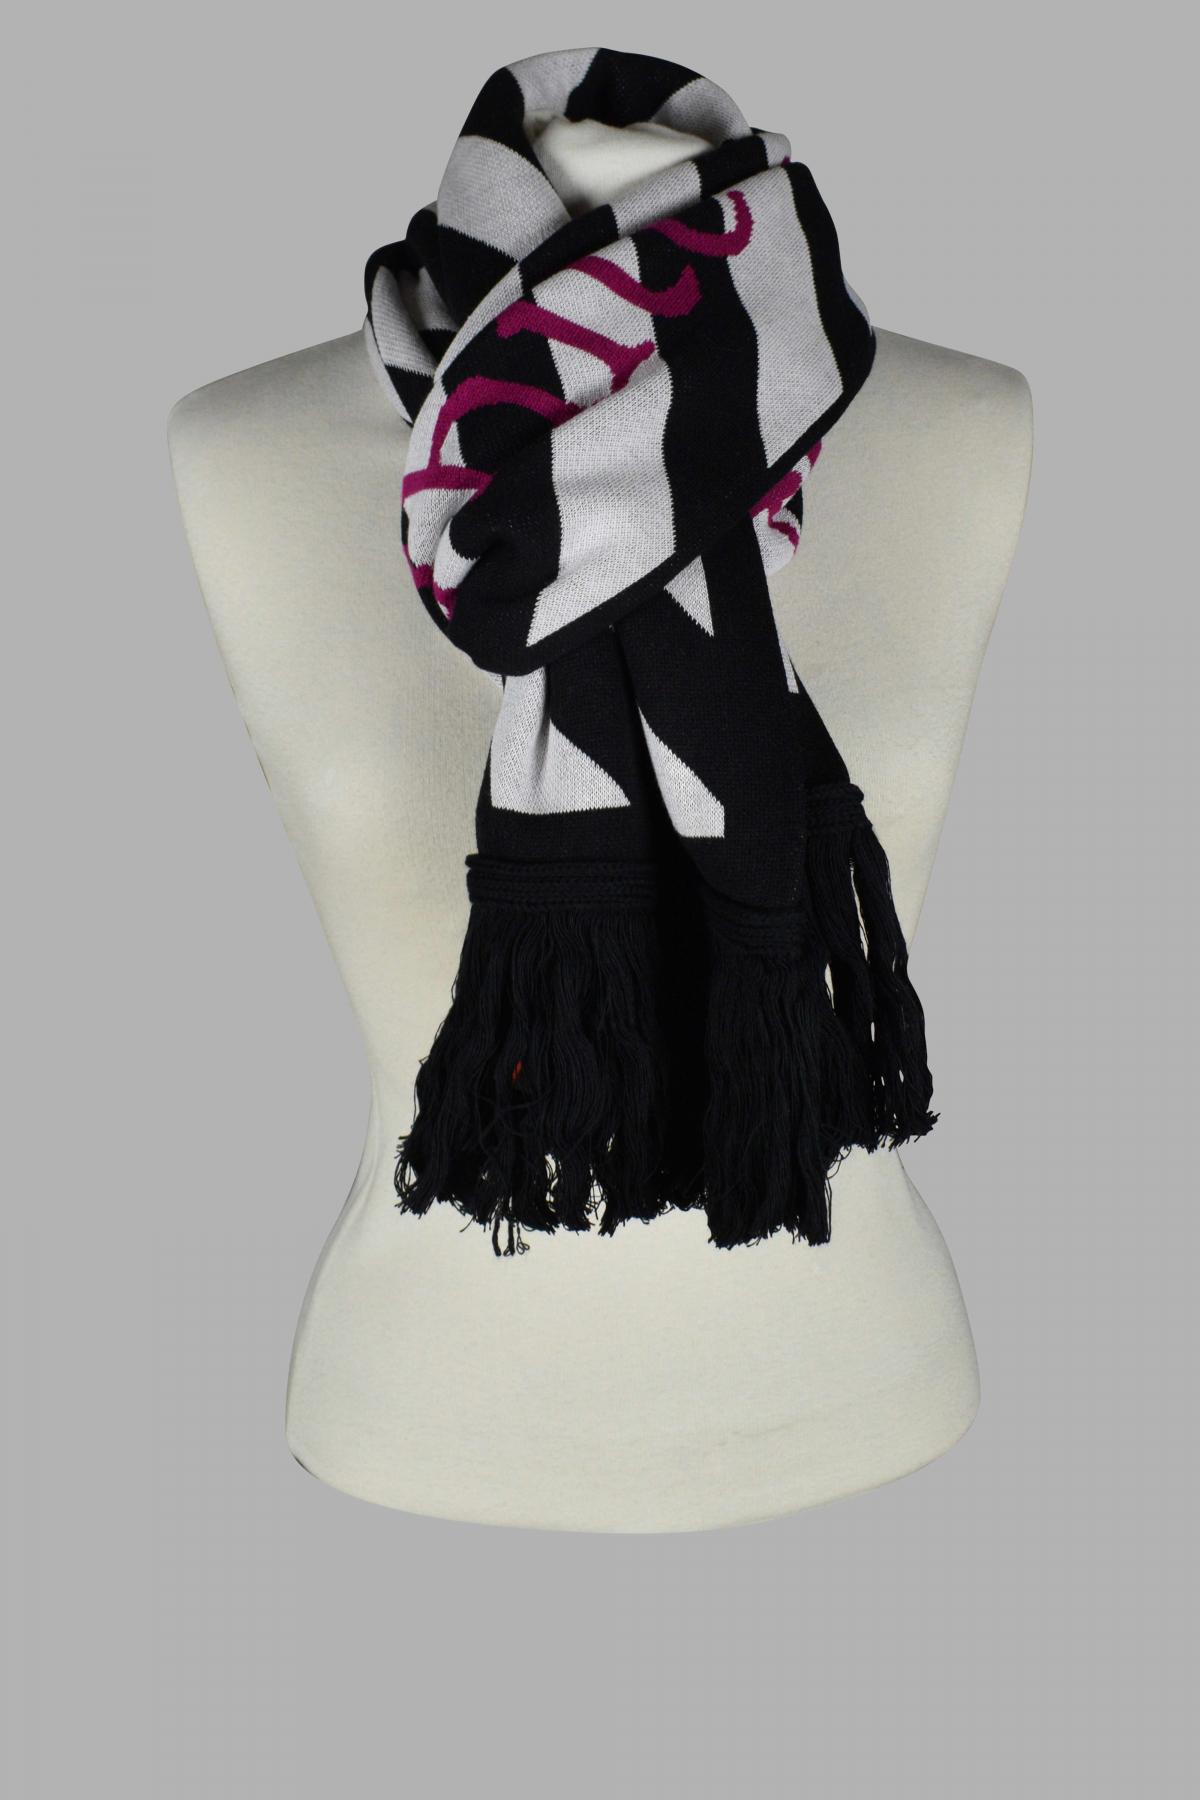 Off-White Arrows black scarf with white diagonal stripes.